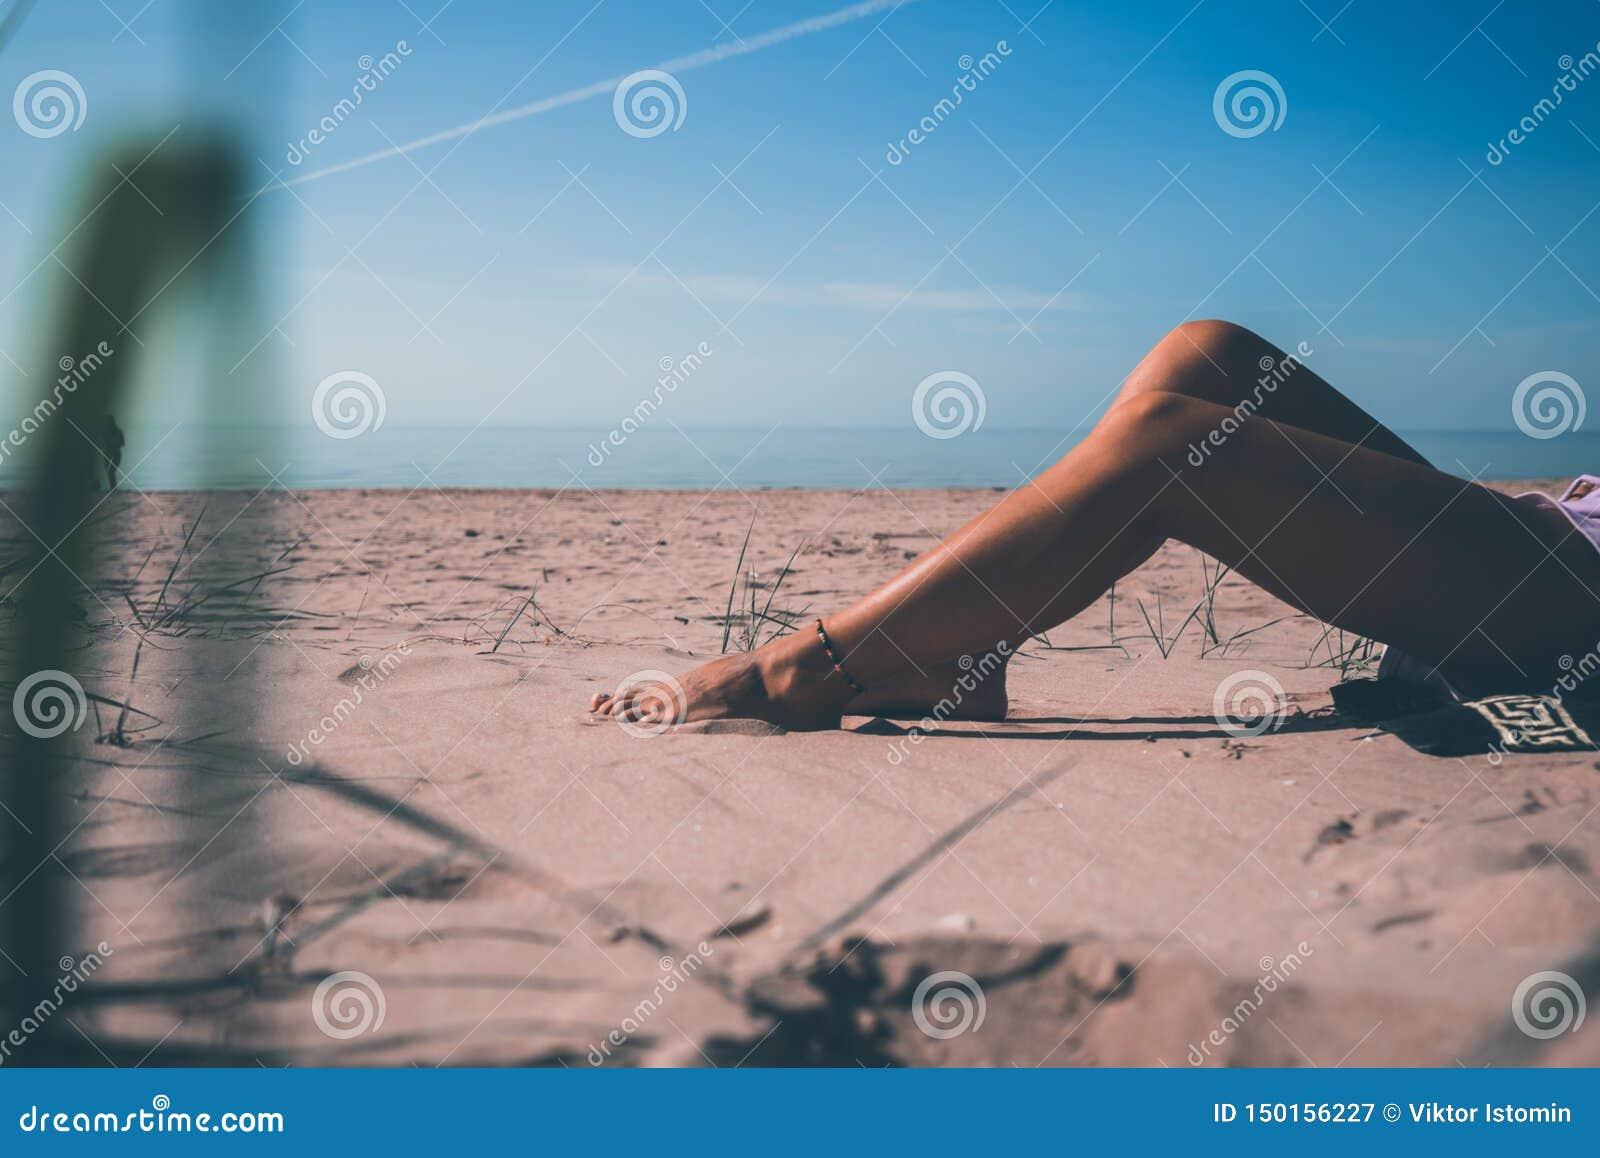 Я лежу в солнце и взгляде на солнце